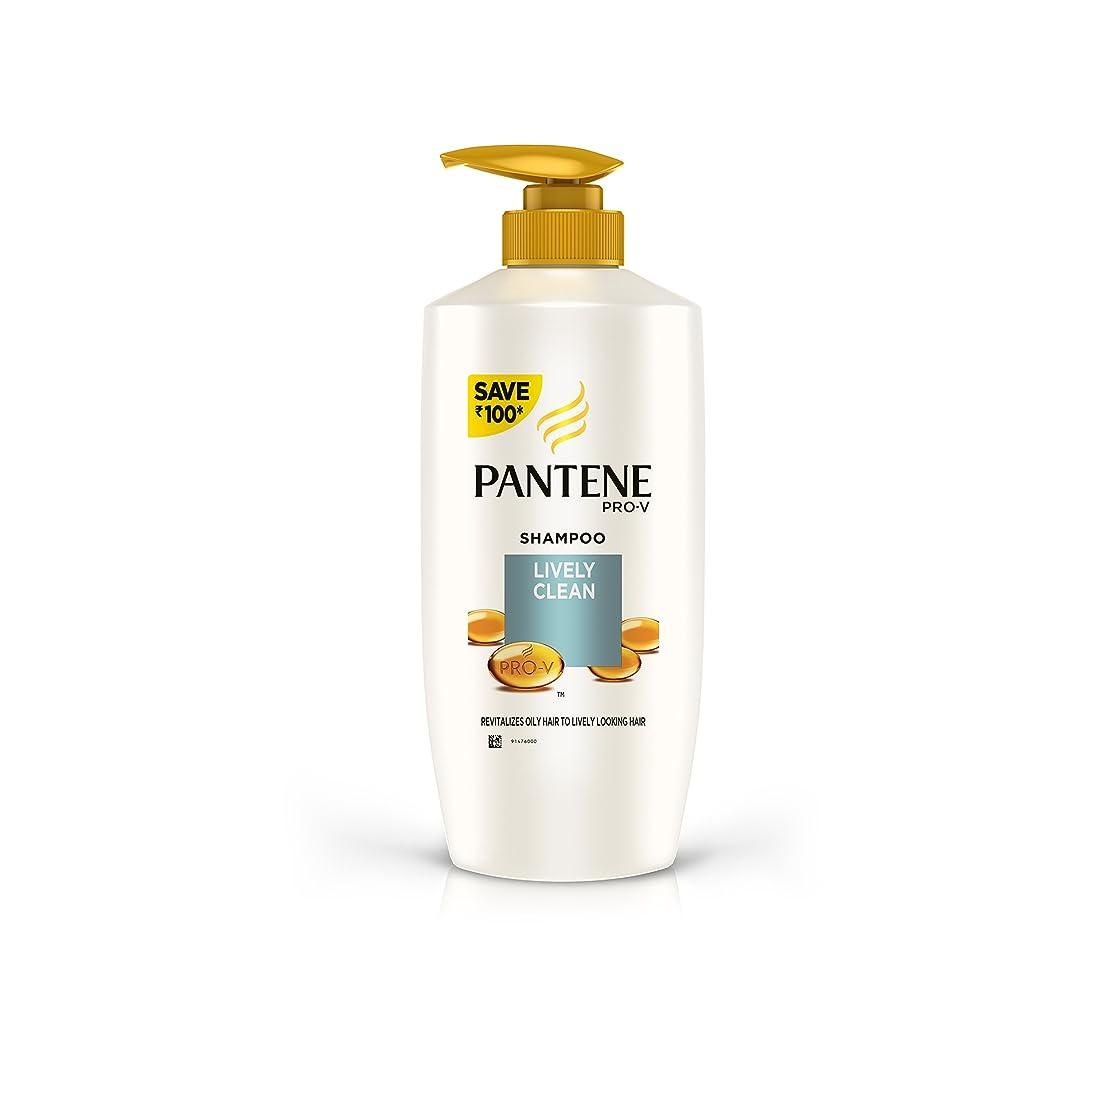 スーパー暗唱する服を洗うPANTENE Lively Clean SHAMPOO 675ml (PANTENE Lively Cleanシャンプー675ml)